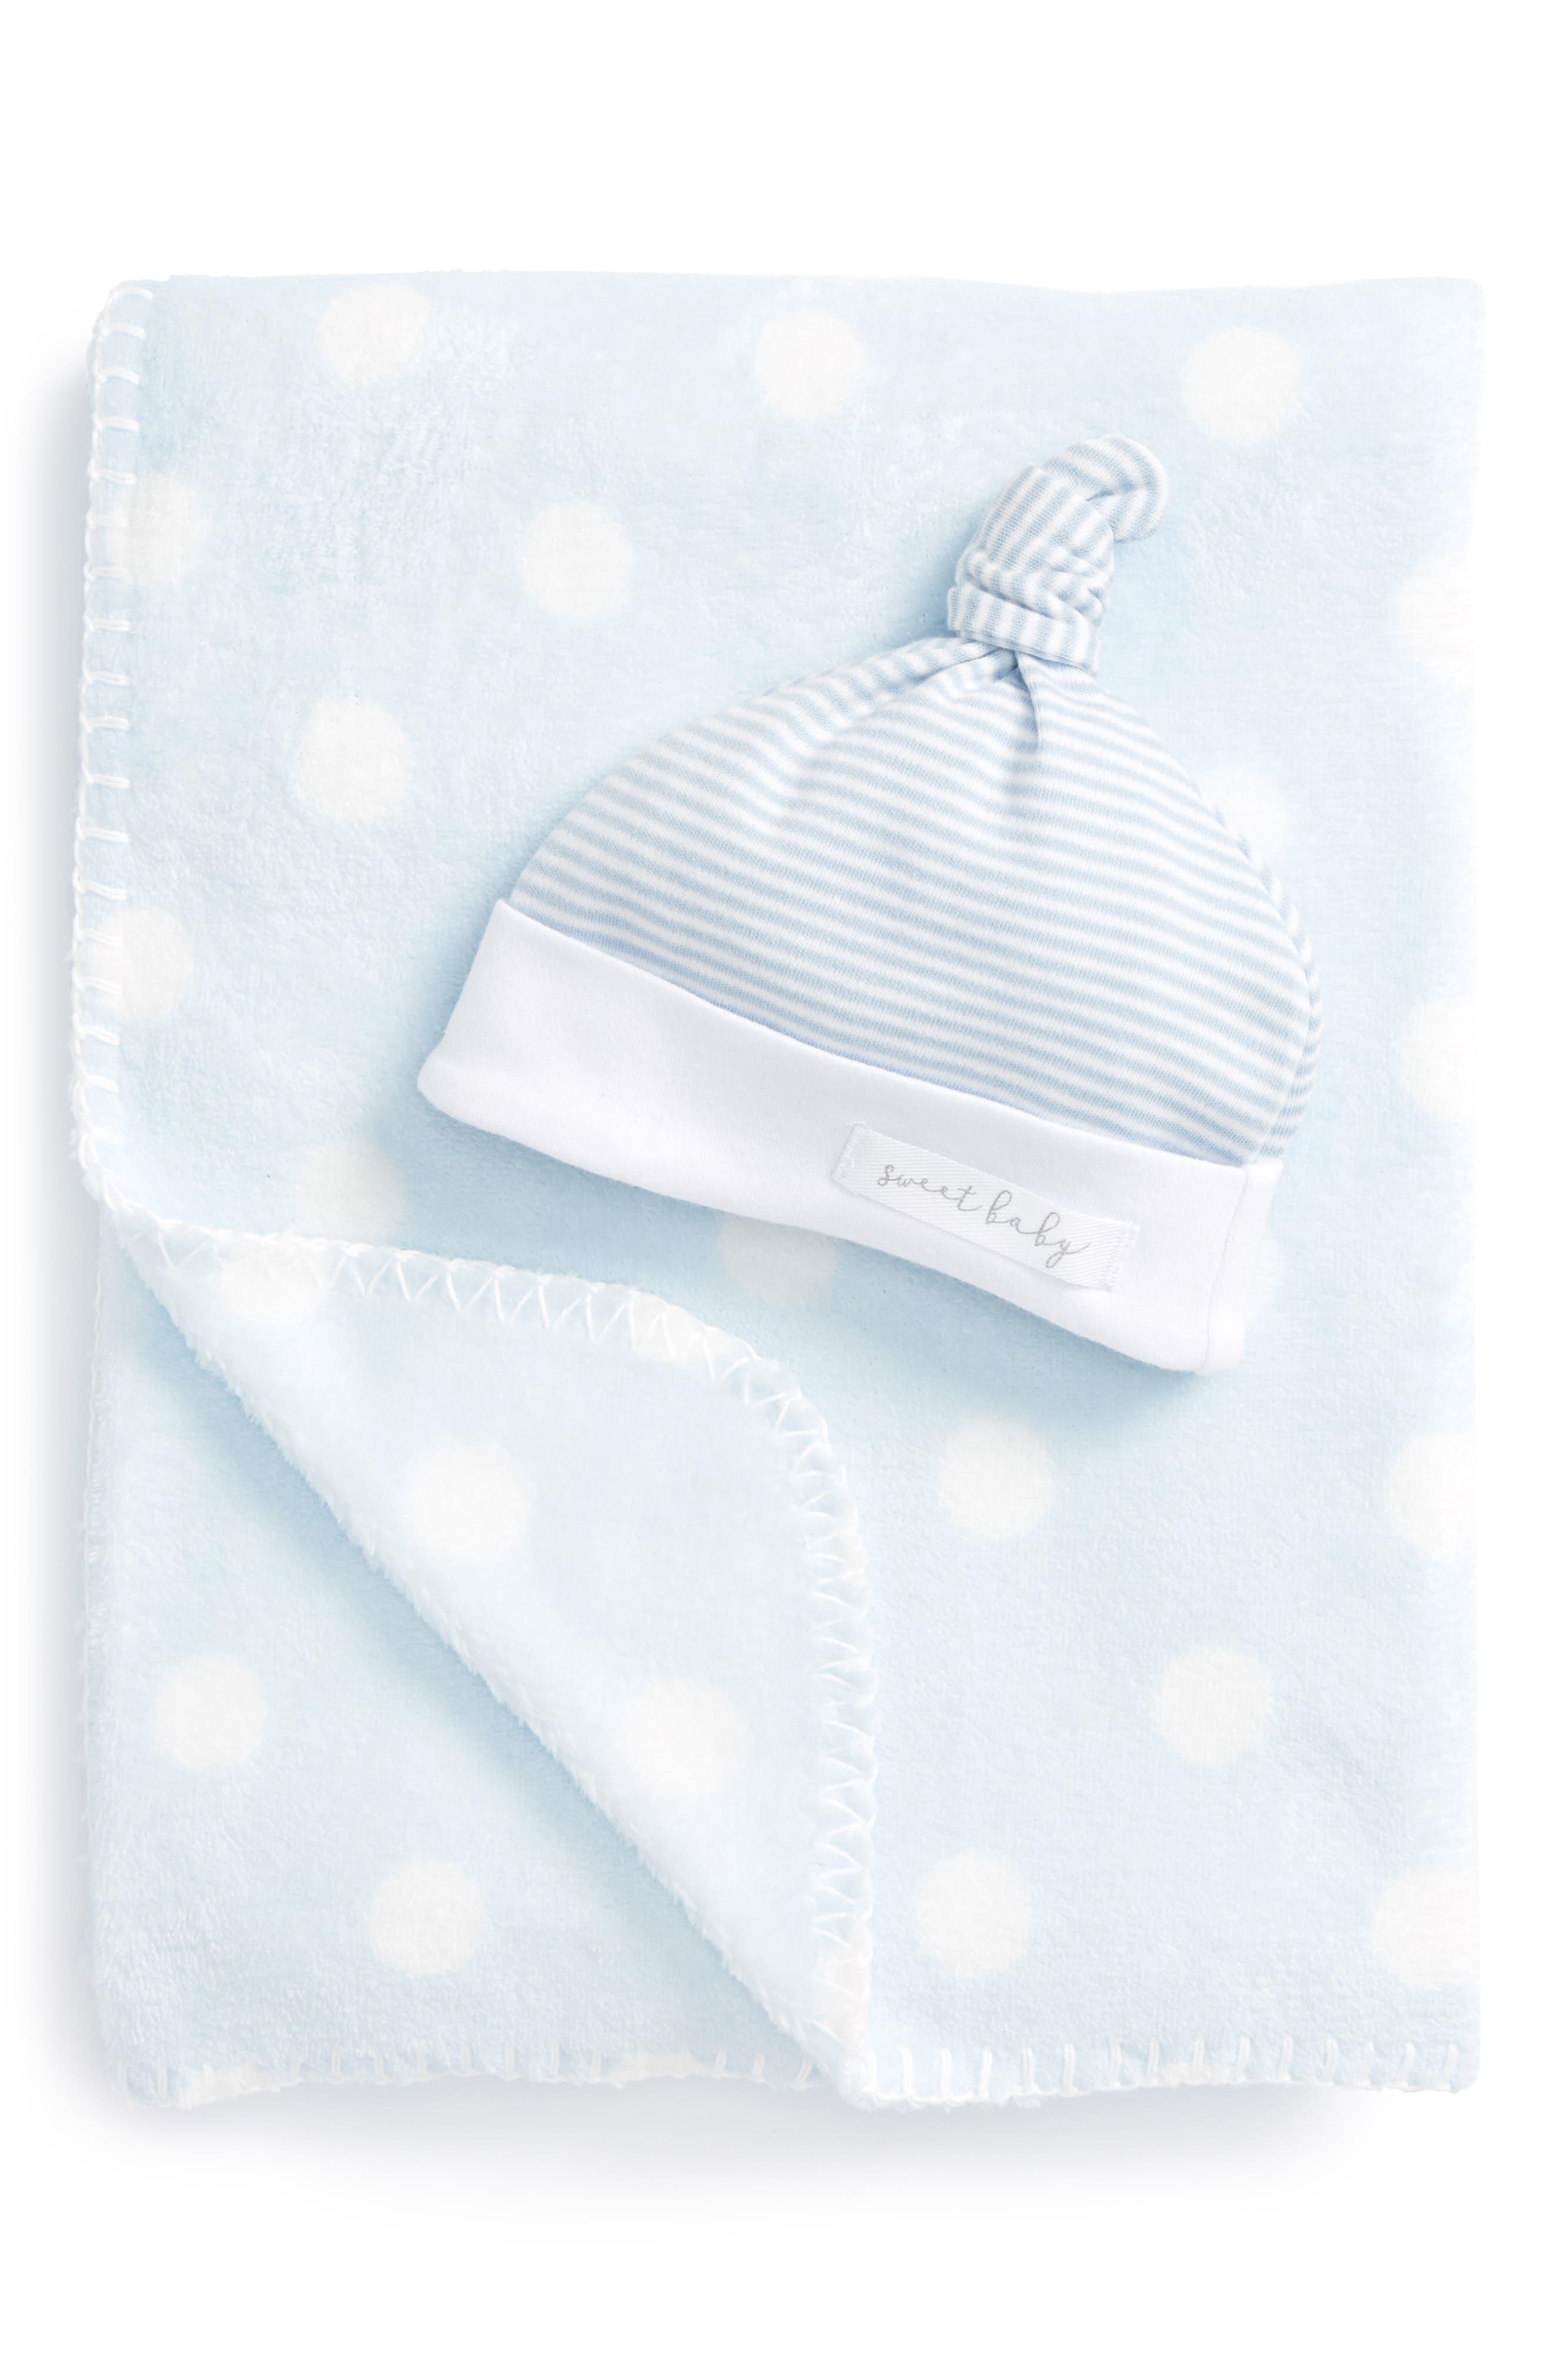 Mud Pie Sweet Baby Receiving Blanket & Hat Set